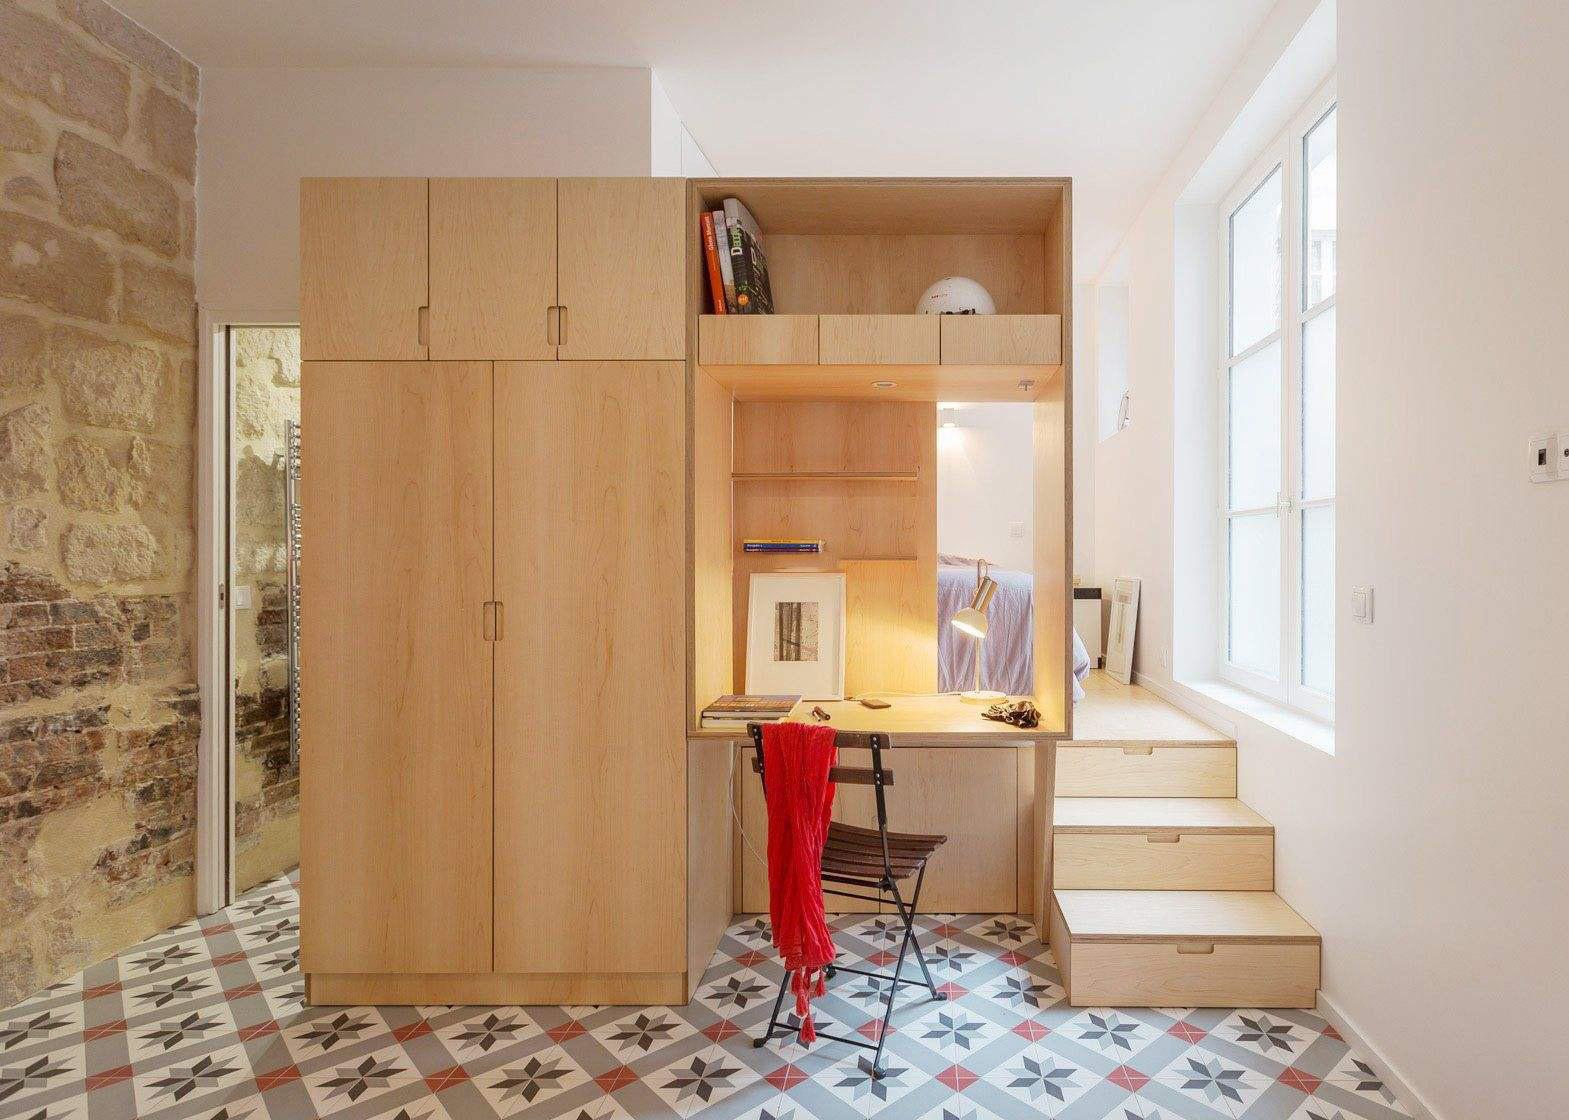 40平米小户型单身公寓装修效果图大全2019